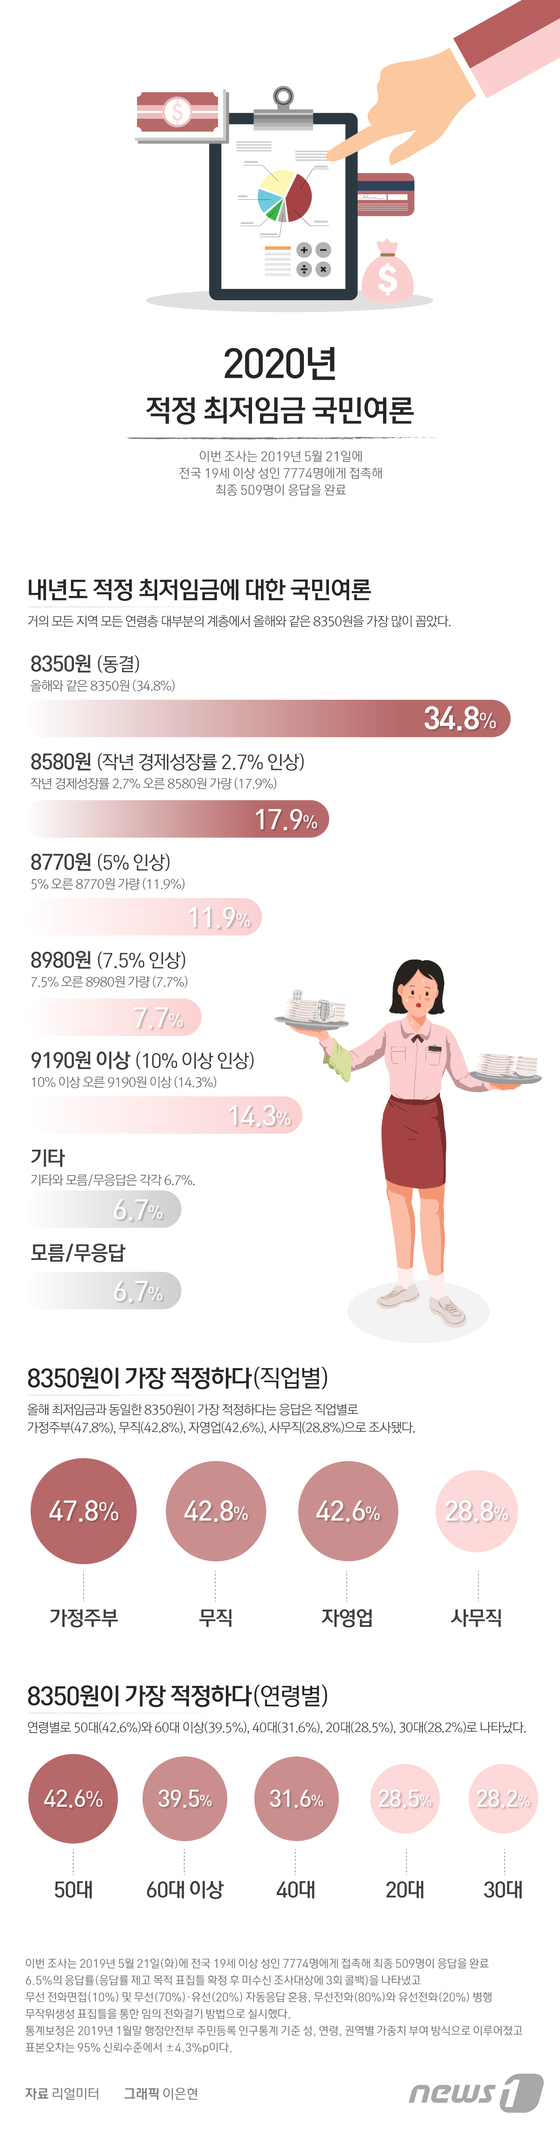 내년도 적정 최저임금에 대한 국민여론